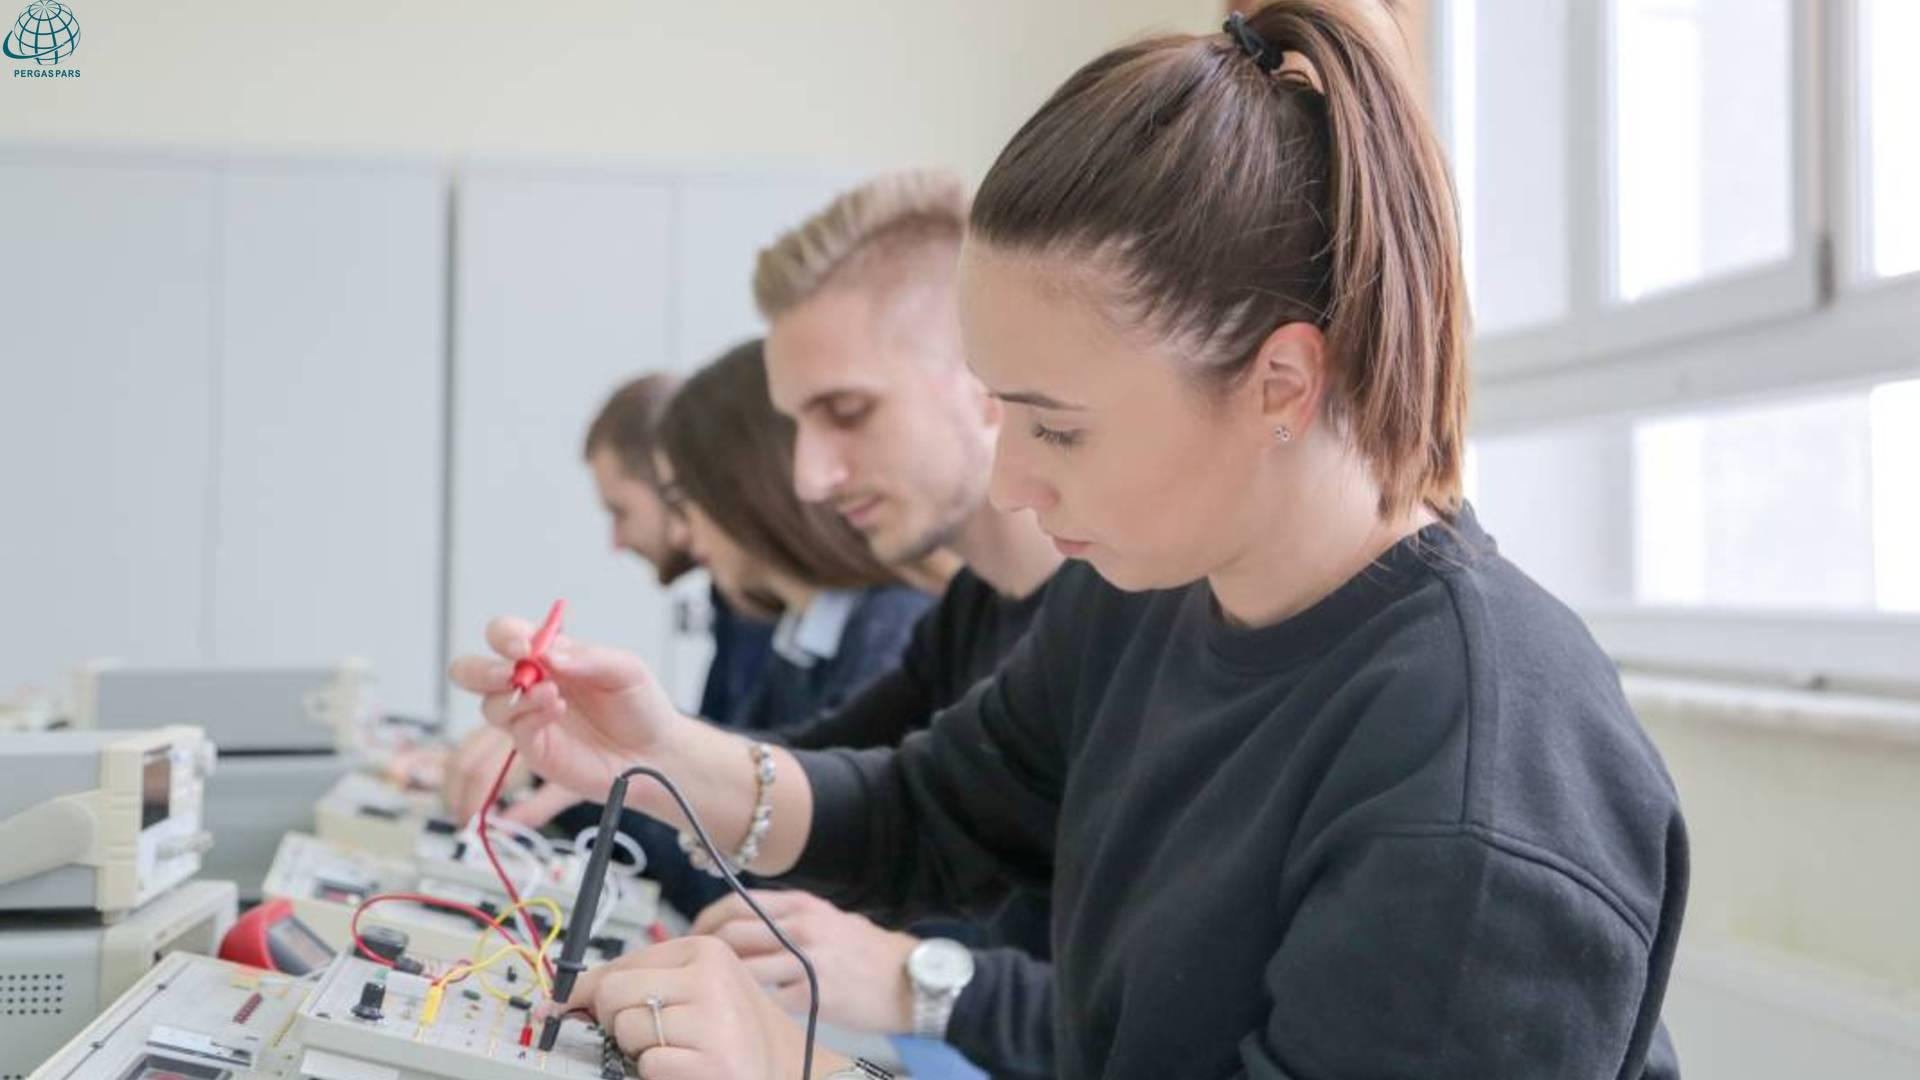 استخدام مهندس برق در استرالیا